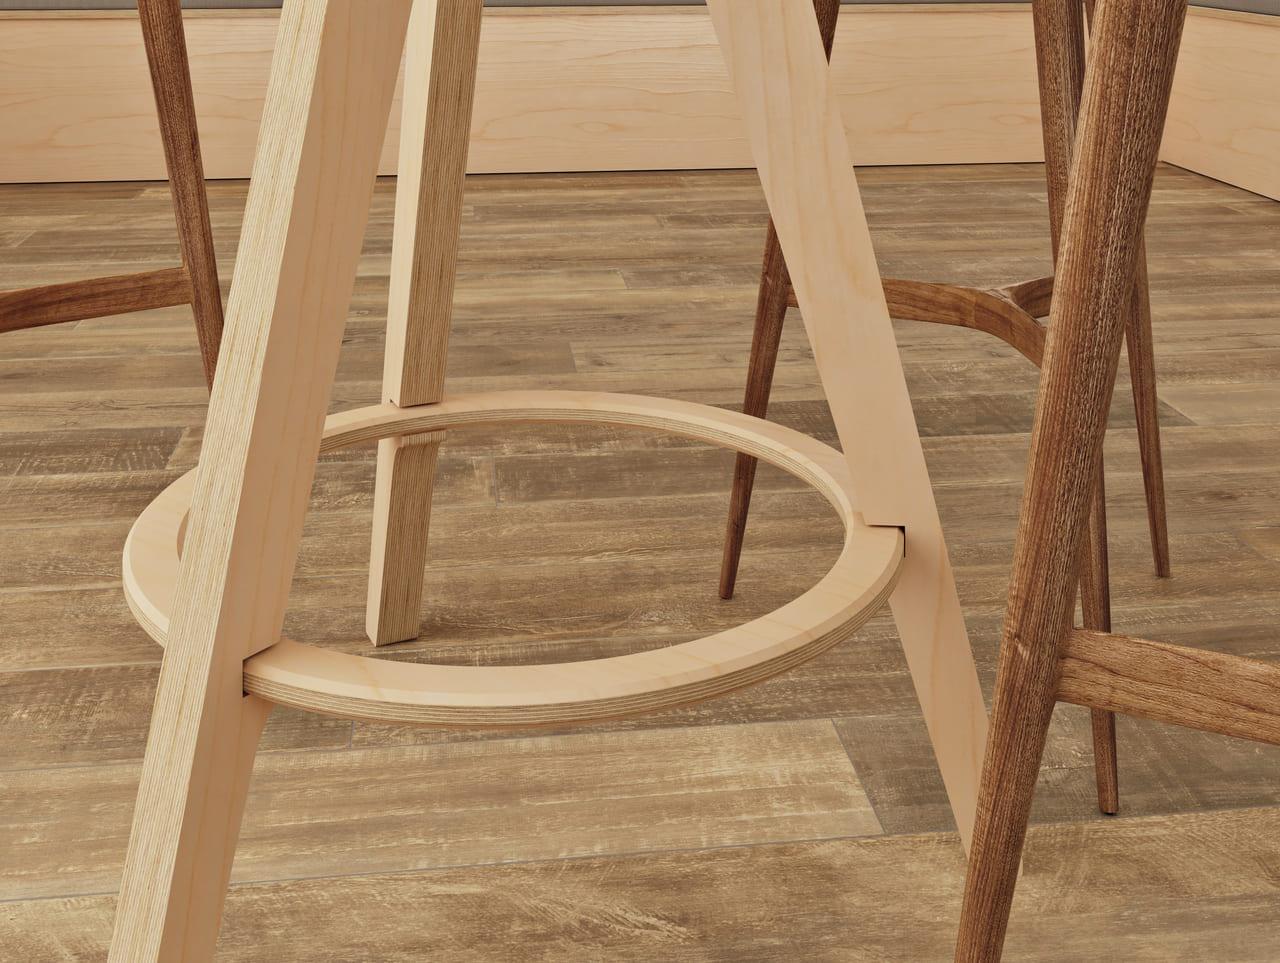 table haute en bois tenant sur 3 pieds pour réaliser une pause déjeuner rapide ou une pause café s'adaptant à tout type d'espace détente avec son design simple